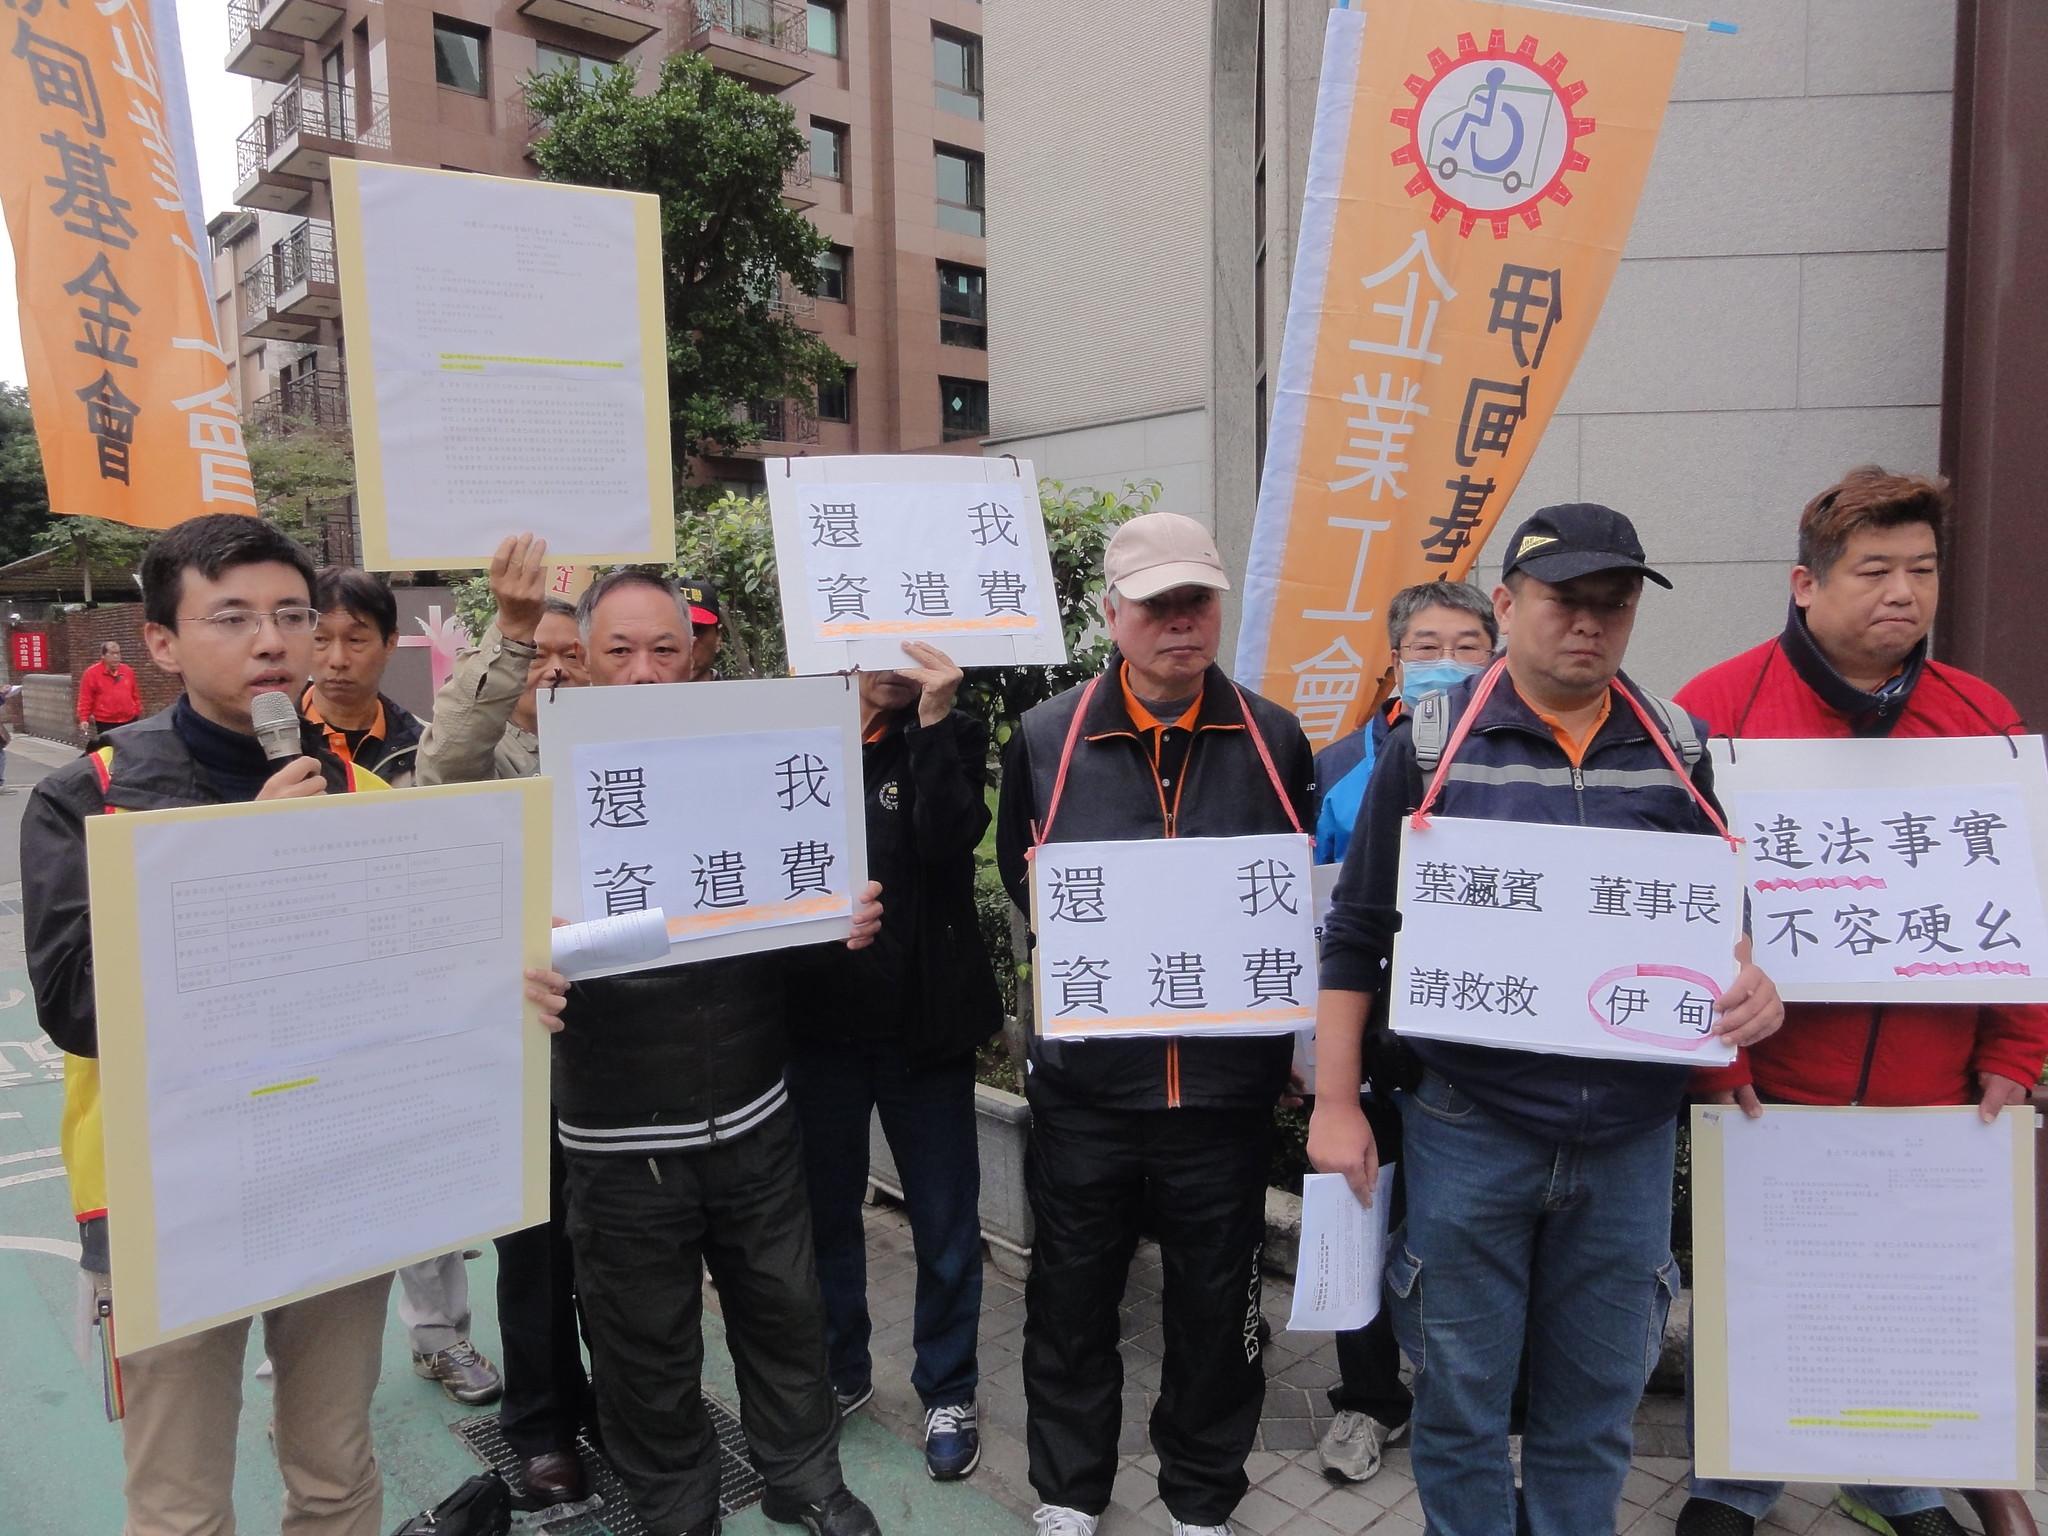 伊甸企業工會在基督長老教會外抗議。(攝影:張智琦)